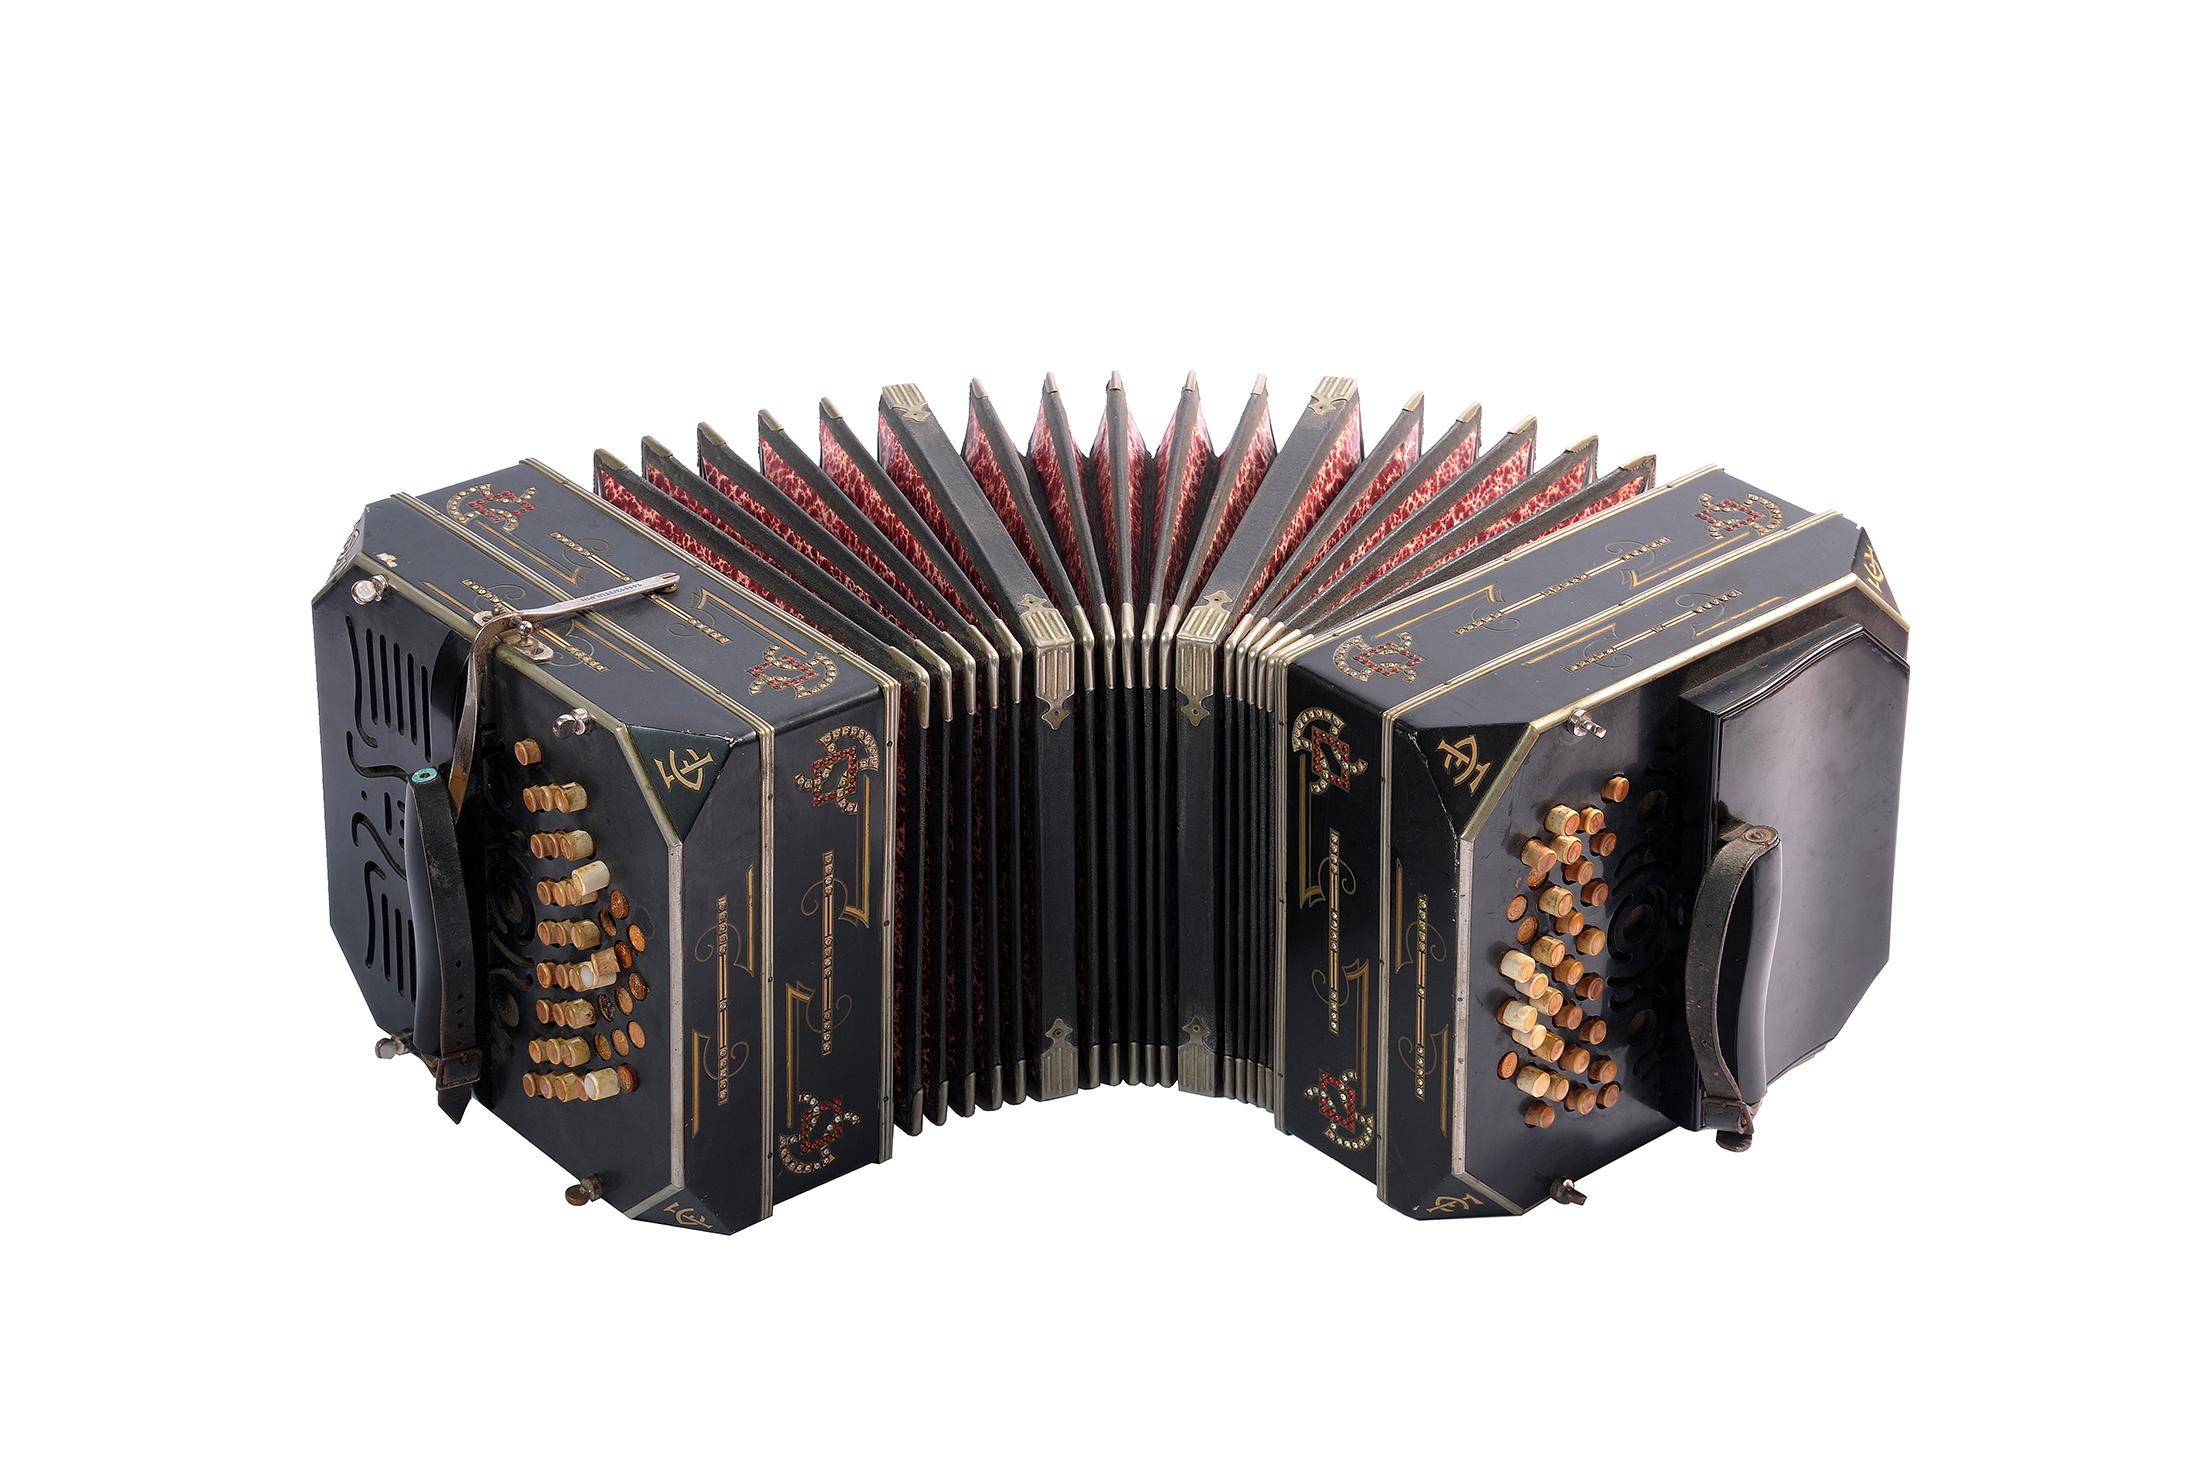 Vente aux enchères d'instruments de musique